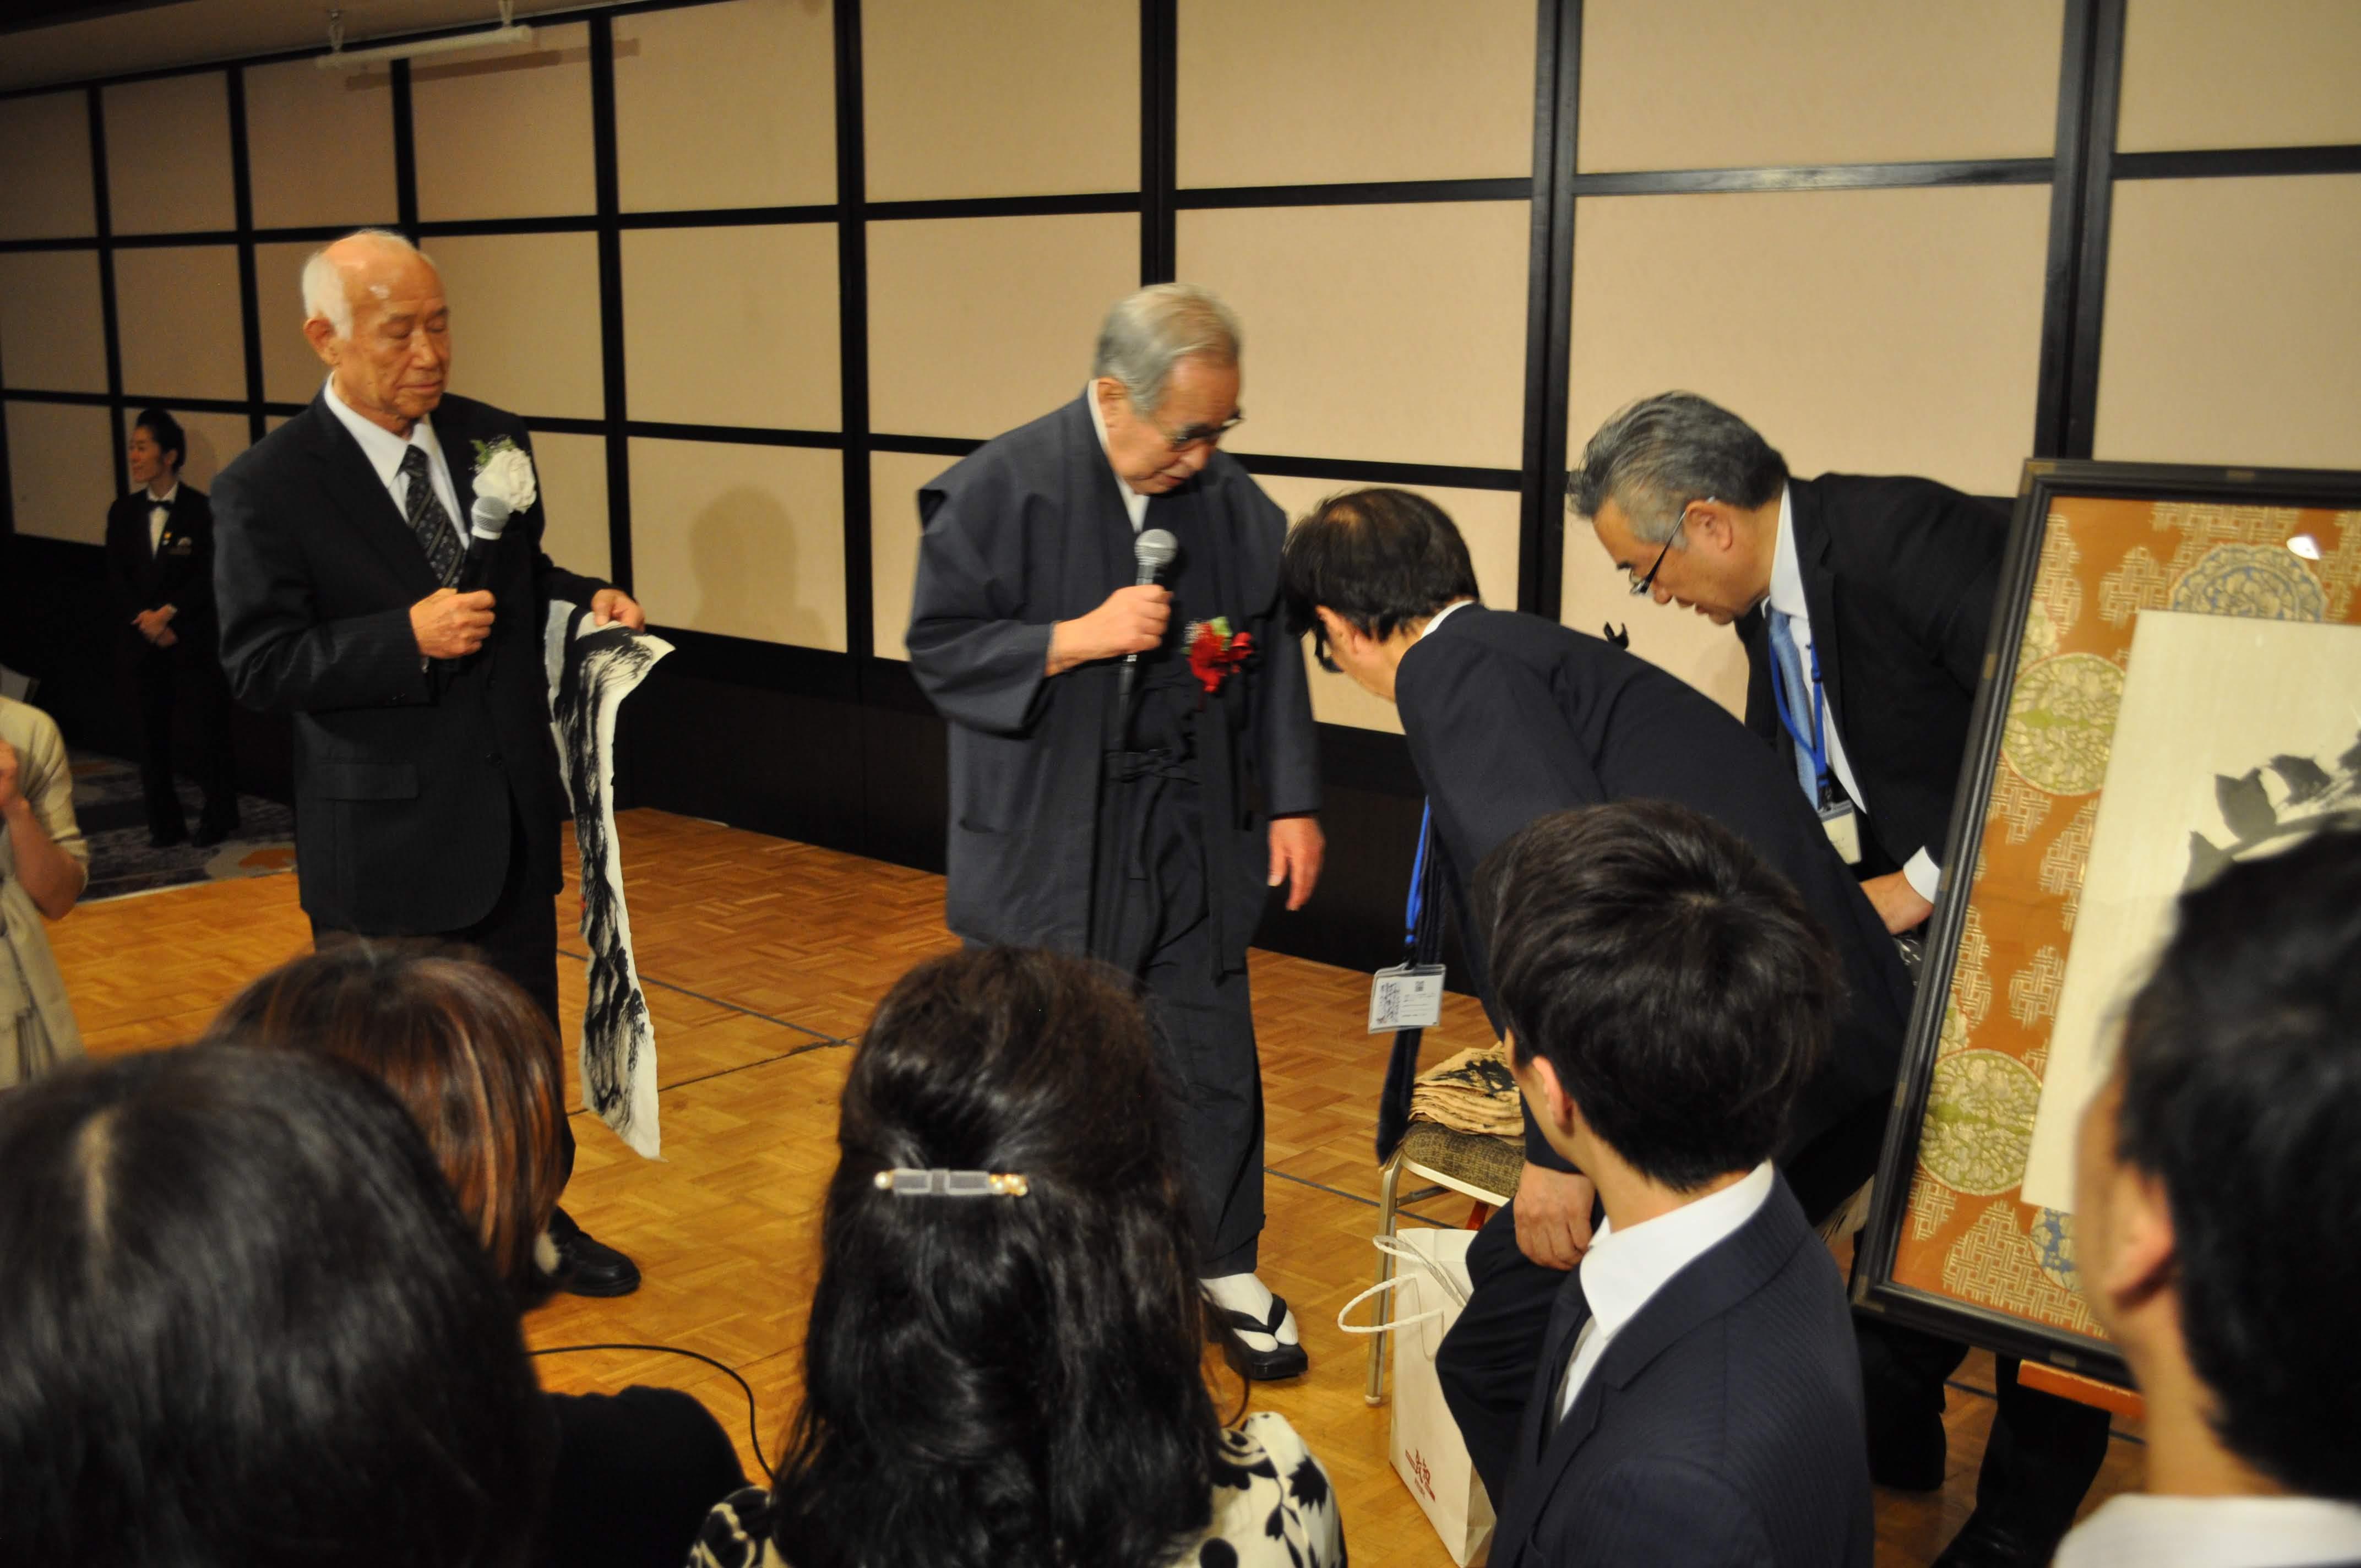 DSC 0588 1 - 思風会全国大会in広島